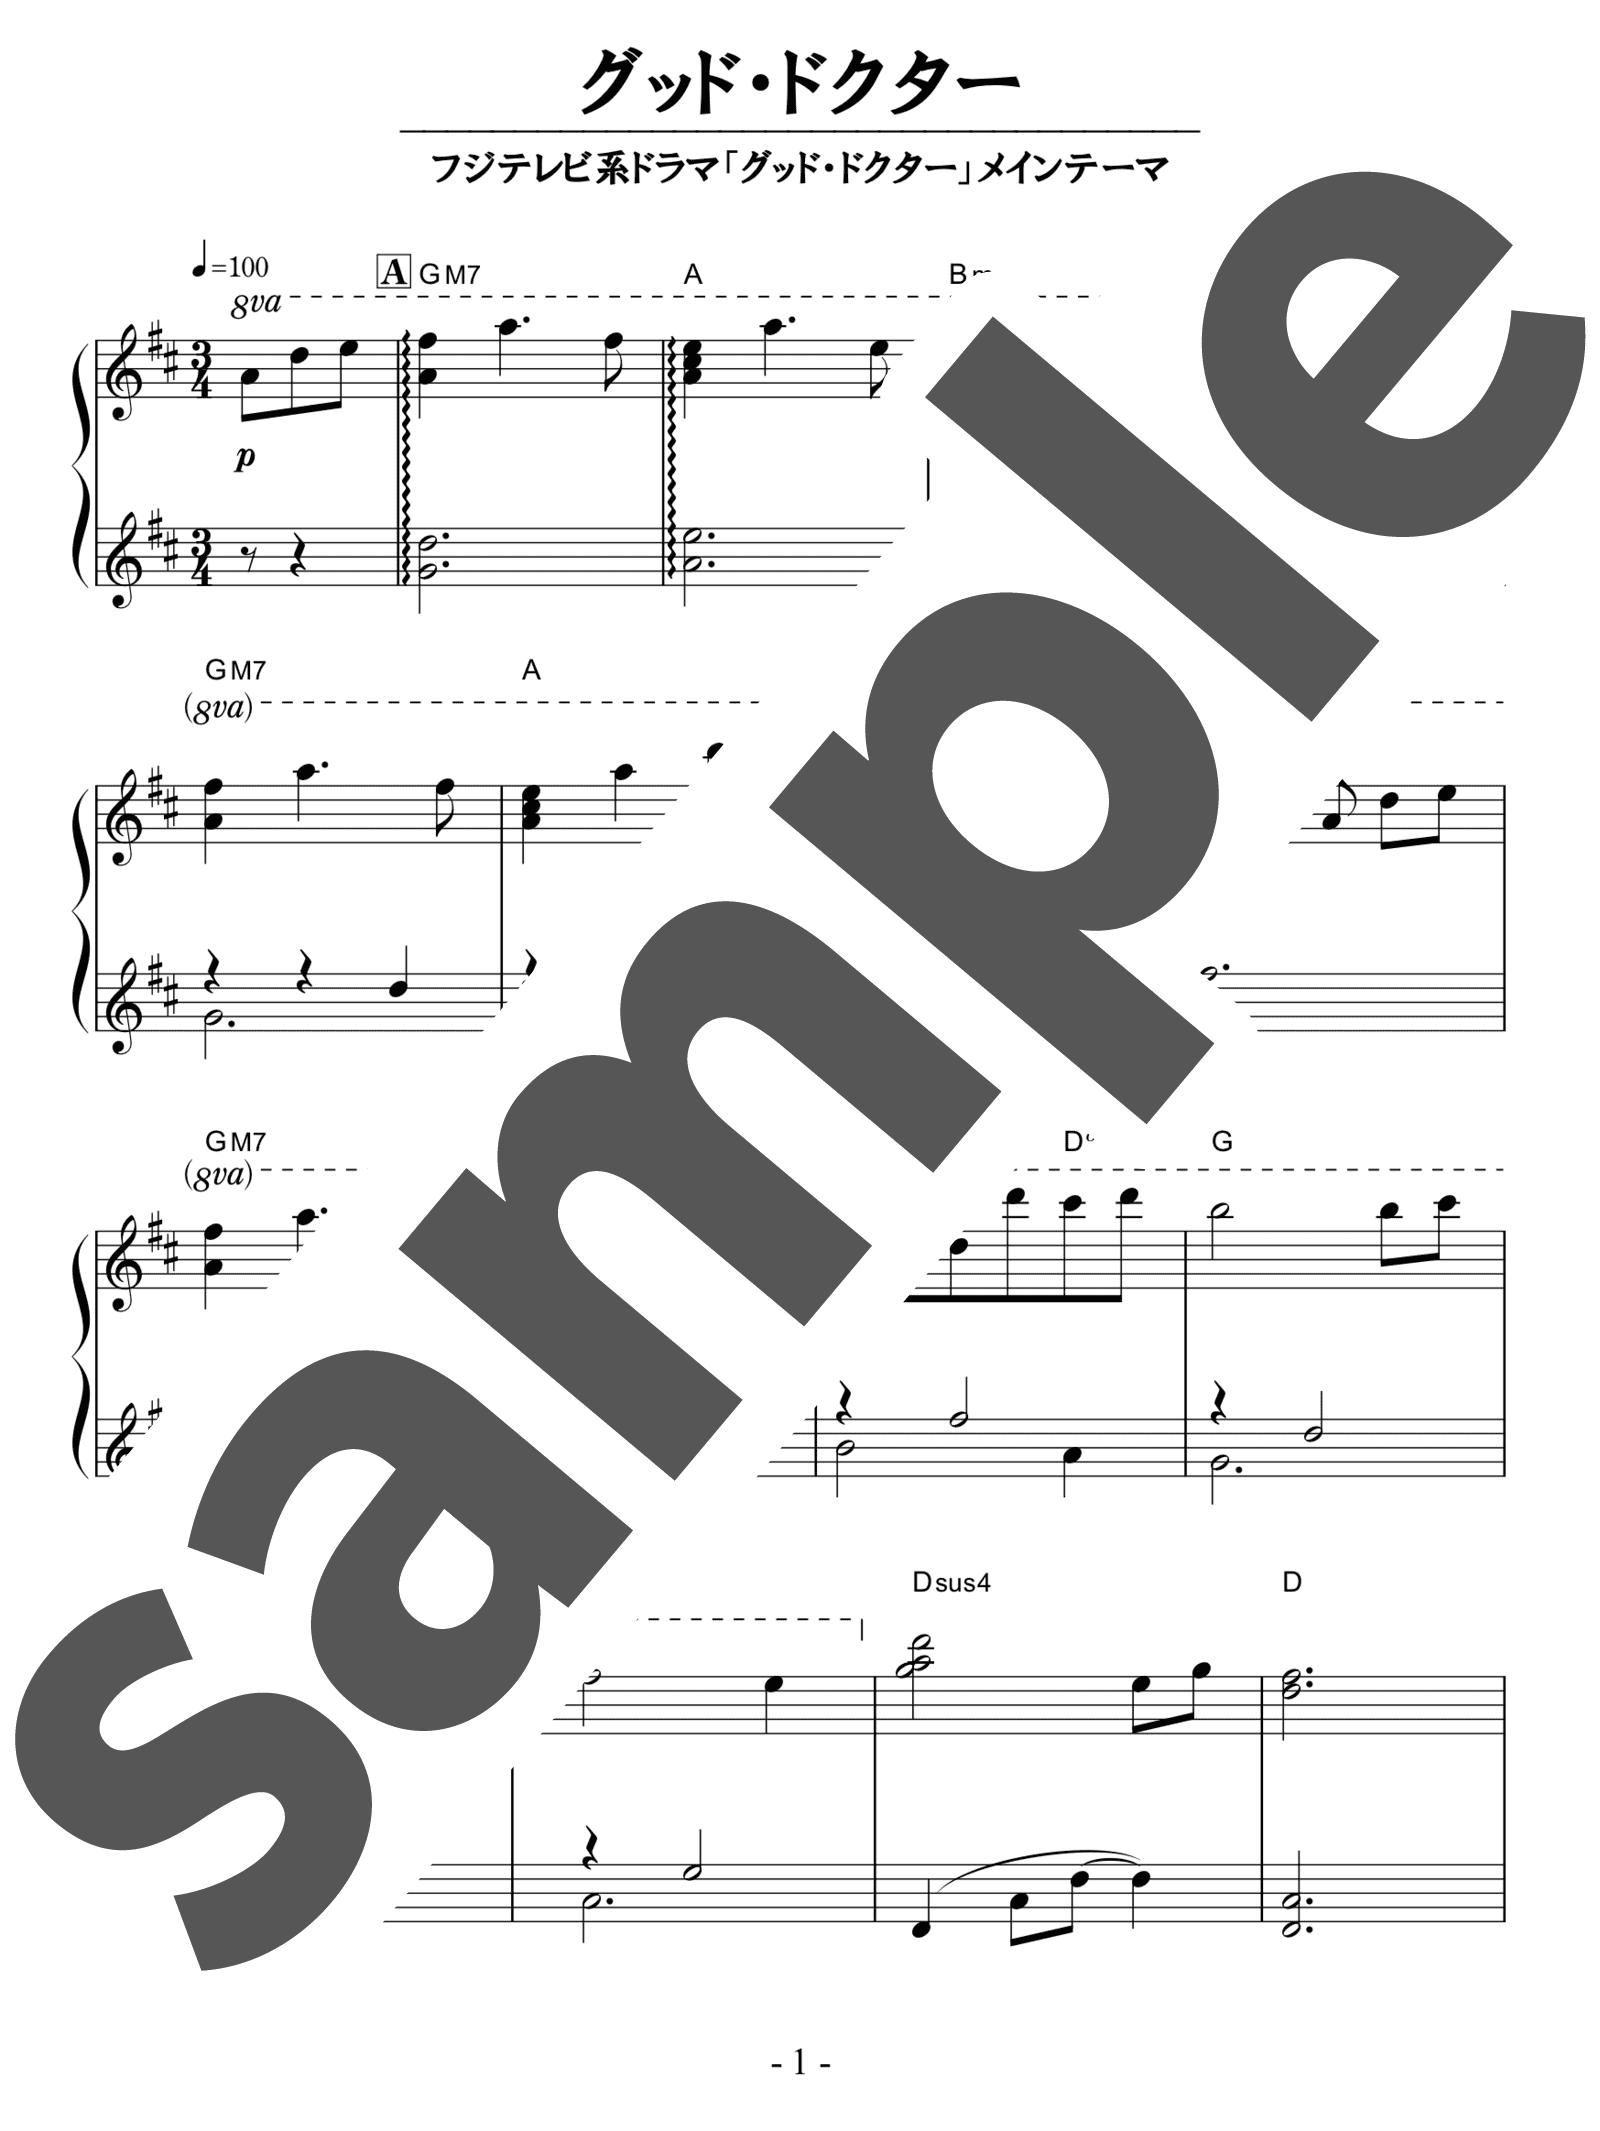 「グッド・ドクター」のサンプル楽譜